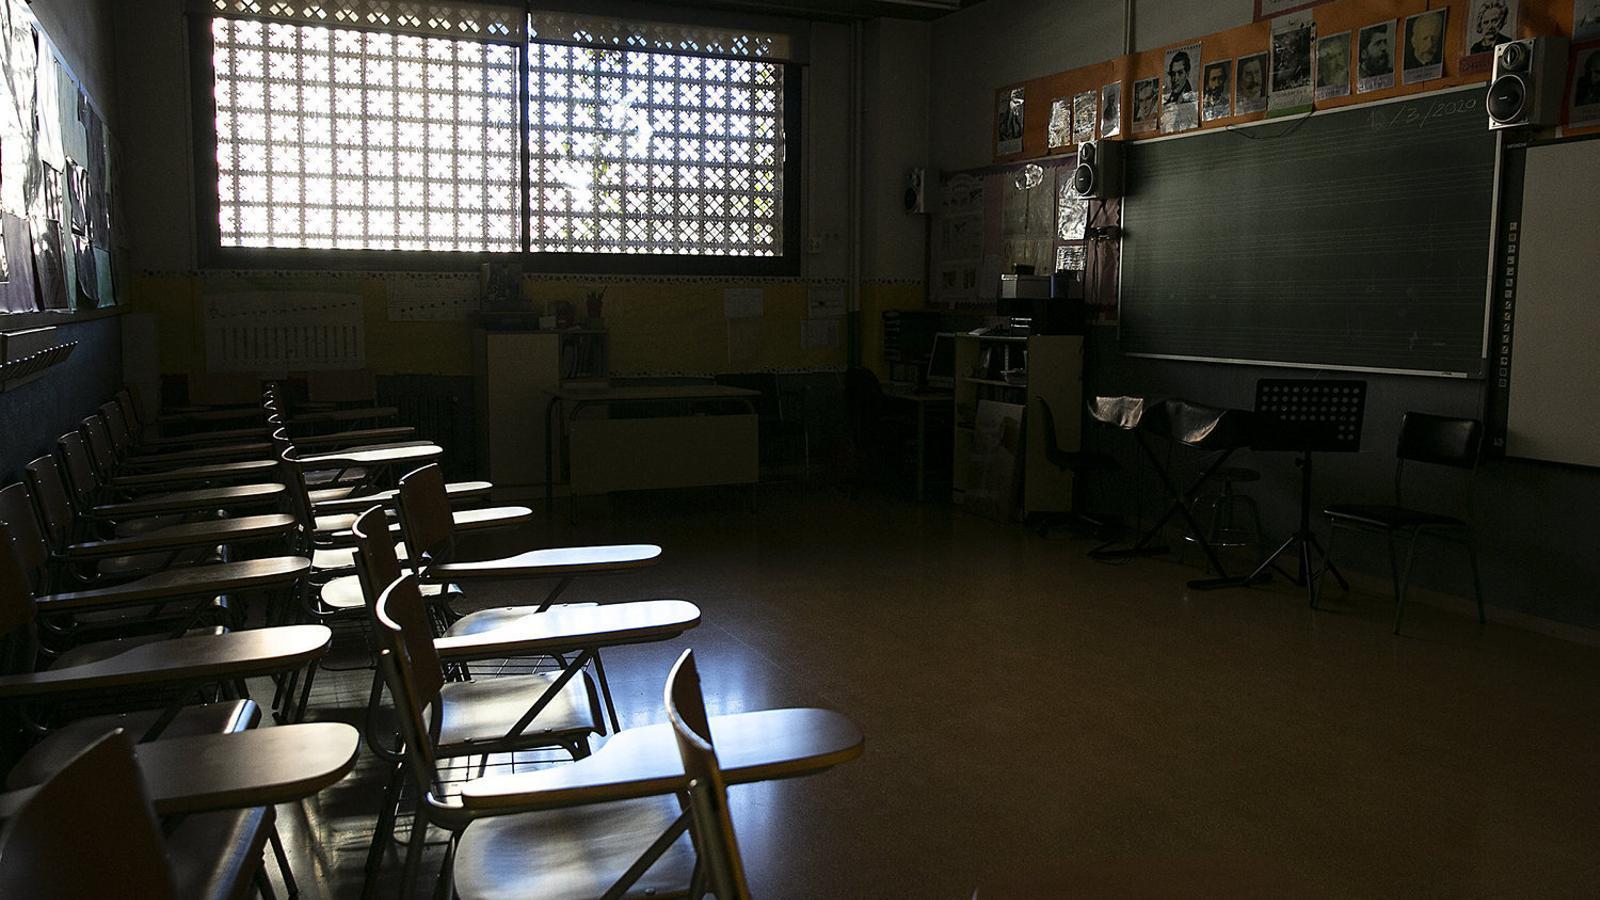 Com ho han fet els mestres? Cal obrir les escoles? Responen els alumnes